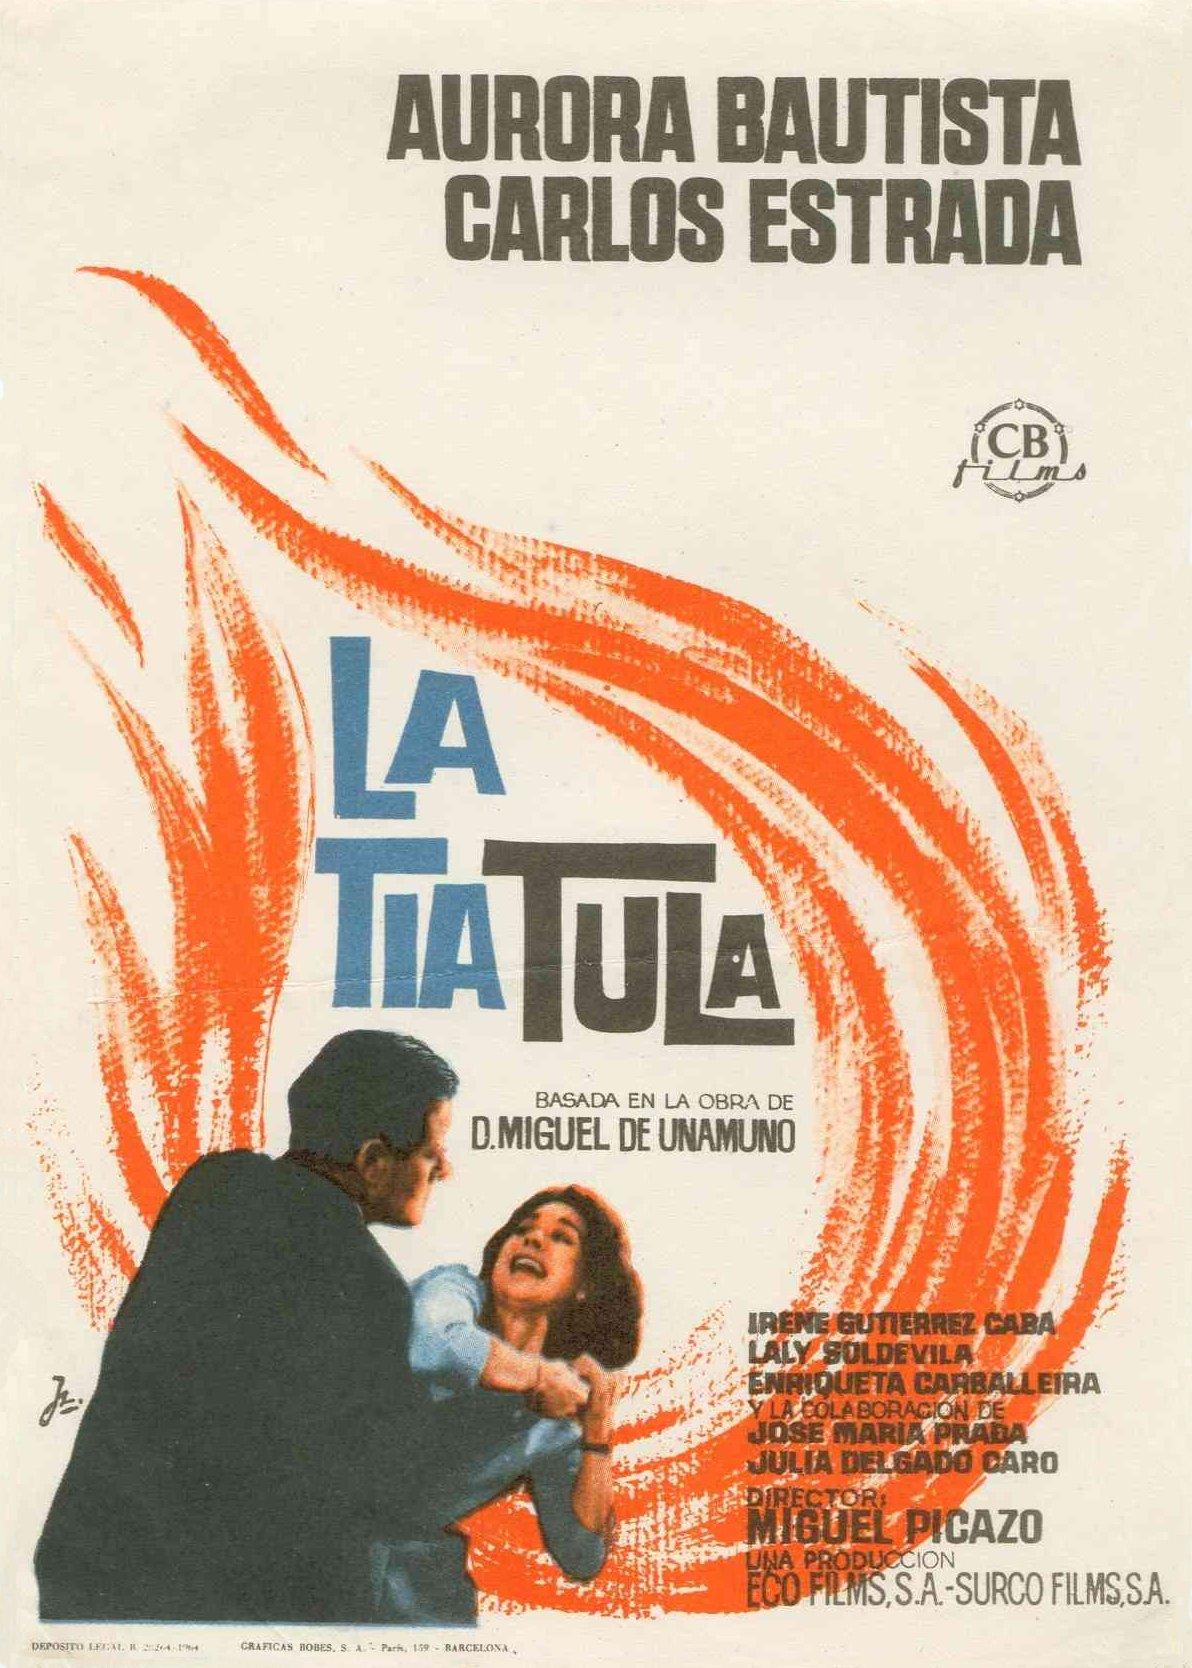 Rio Diaz (1959?004),Nancy Castiglione (b. 1981) Sex picture Lily Collins (born 1989 (naturalized American citizen),Michelle Forbes